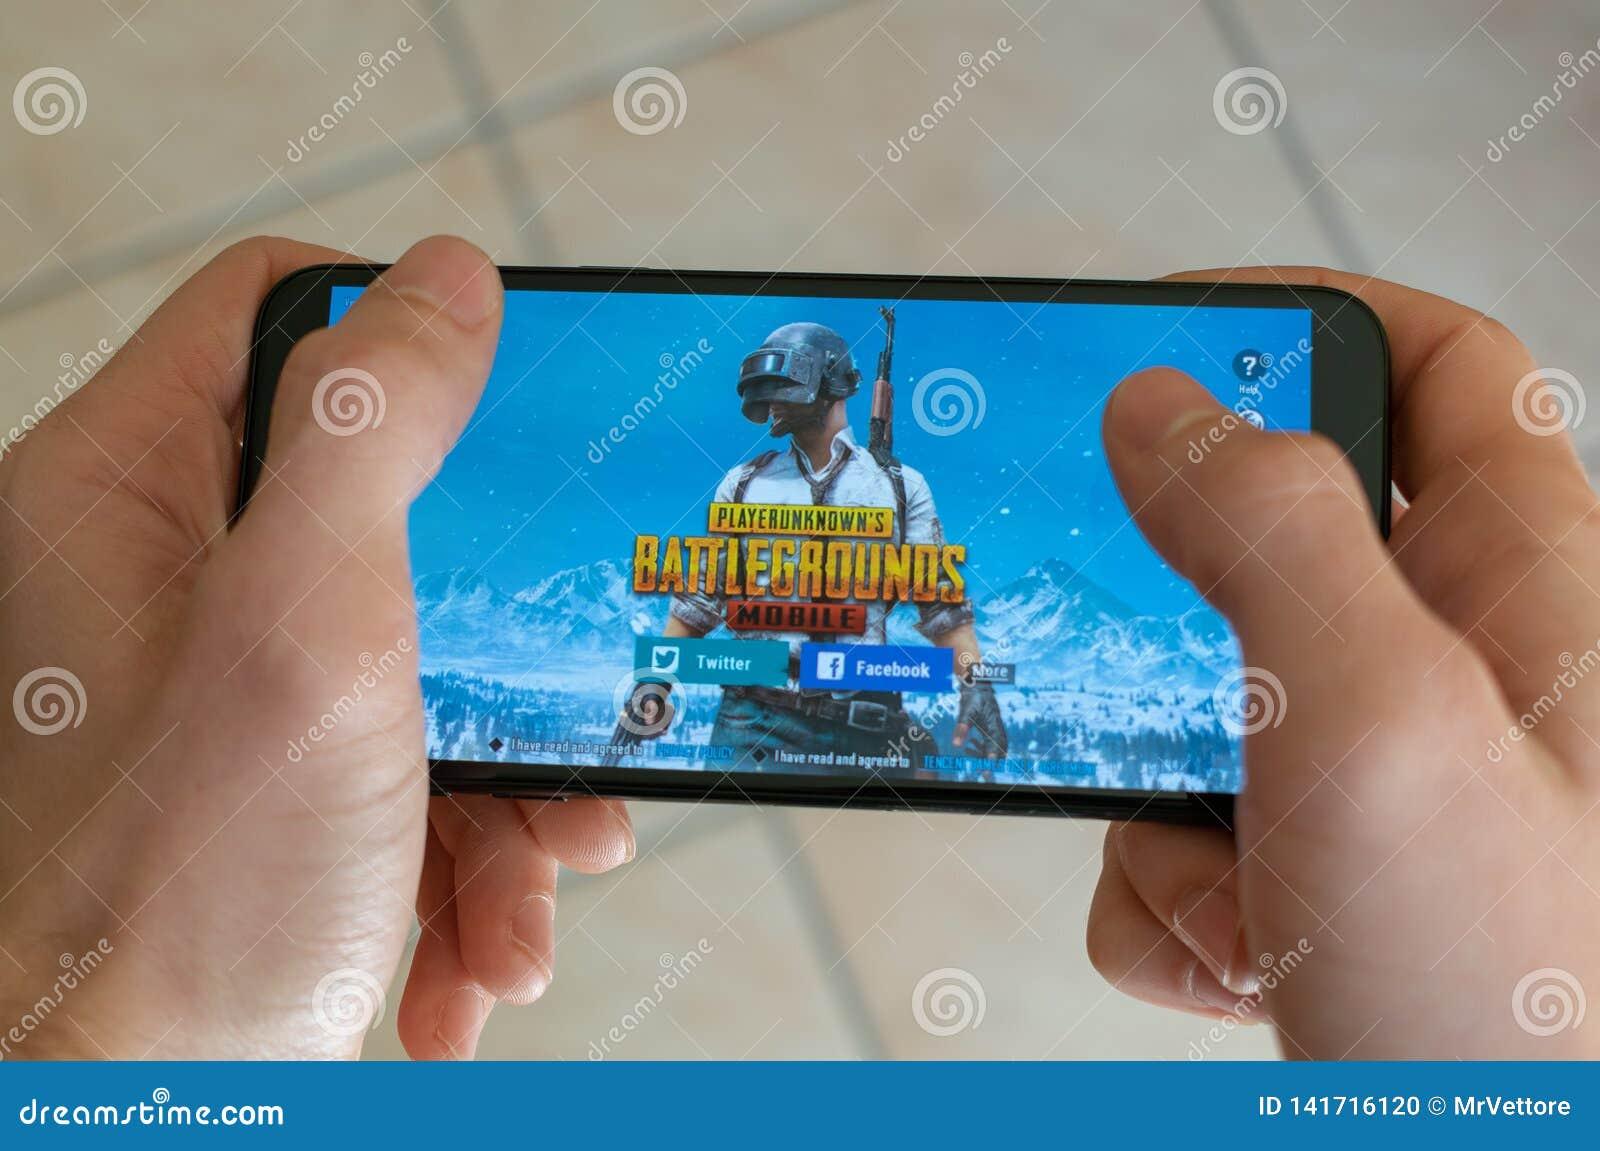 Włochy, Roma - 7 Marzec 2019: Ręki trzyma smartphone z PUBG polych bitw Mobilną grze na pokazu ekranie, artykuł wstępny